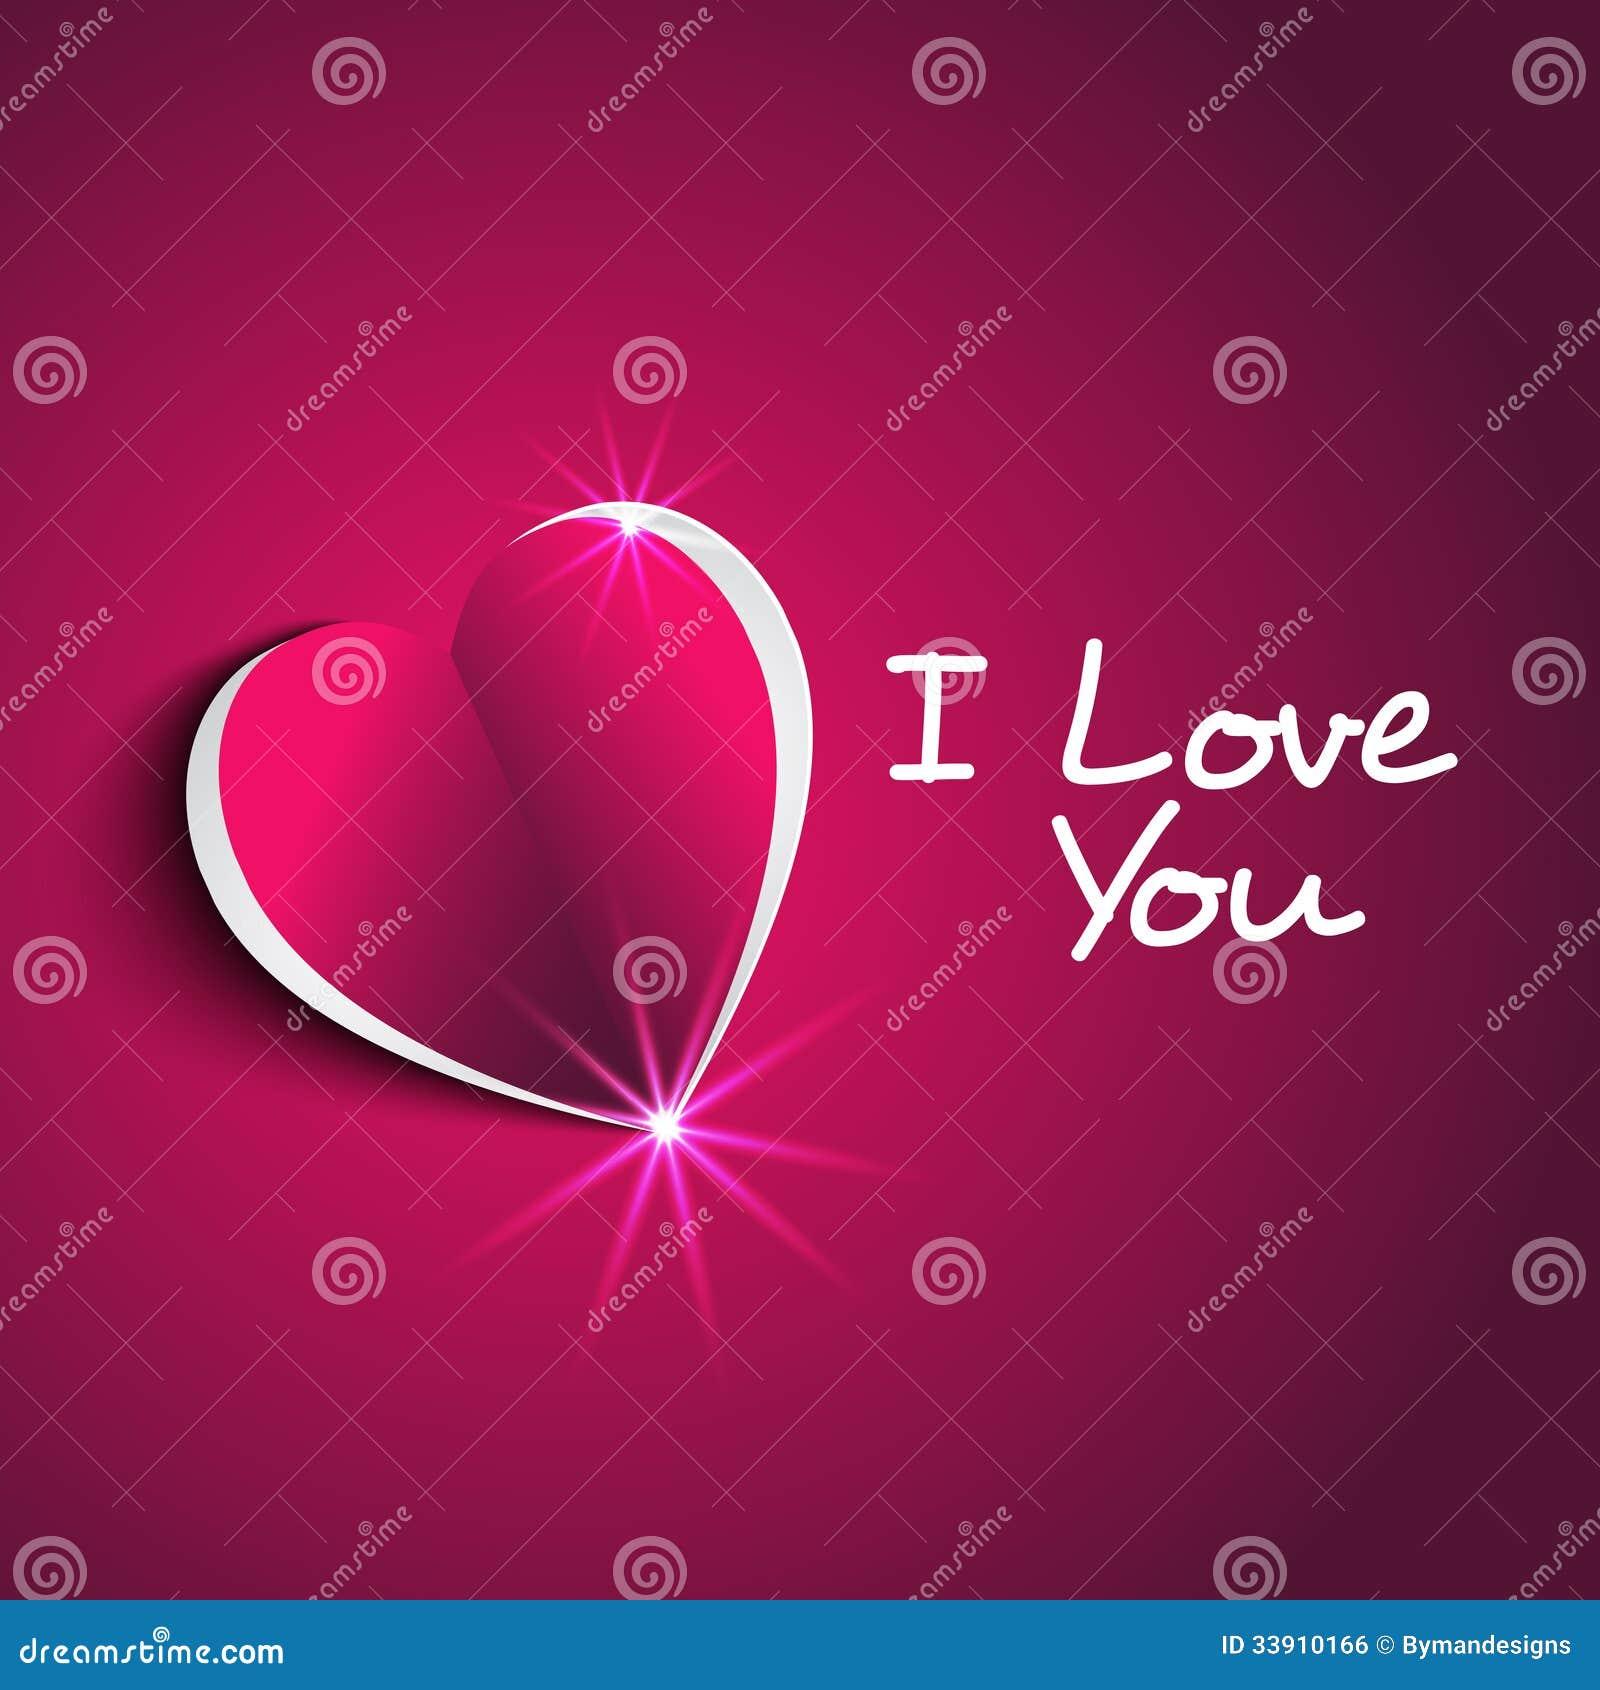 I love you message with modern heart shape stock vector i love you message with modern heart shape biocorpaavc